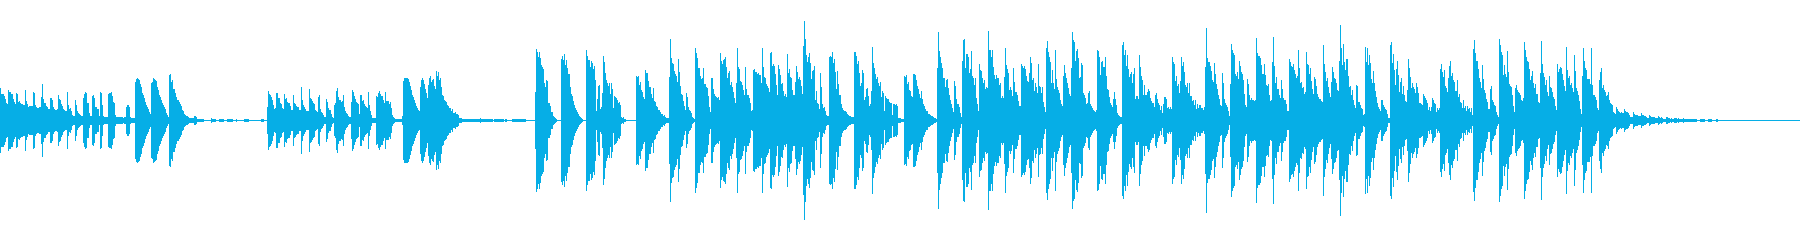 ユニークな雰囲気のループビートの再生済みの波形